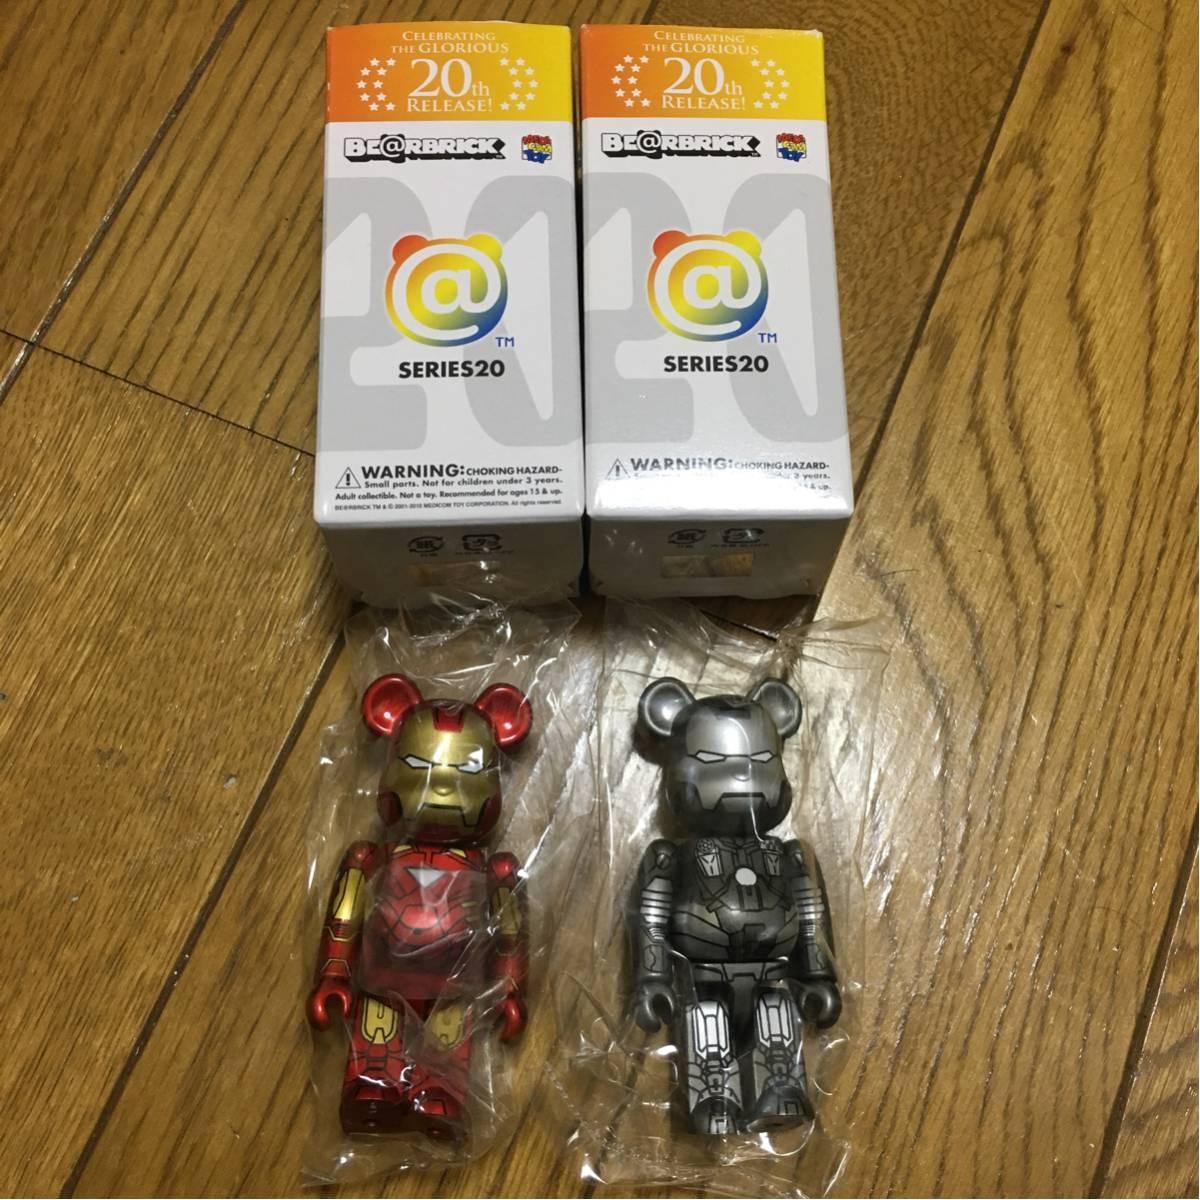 ベアブリック シリーズ20 SF 裏SF アイアンマン ウォーマシン 箱付き カードつき 内袋未開封品 グッズの画像